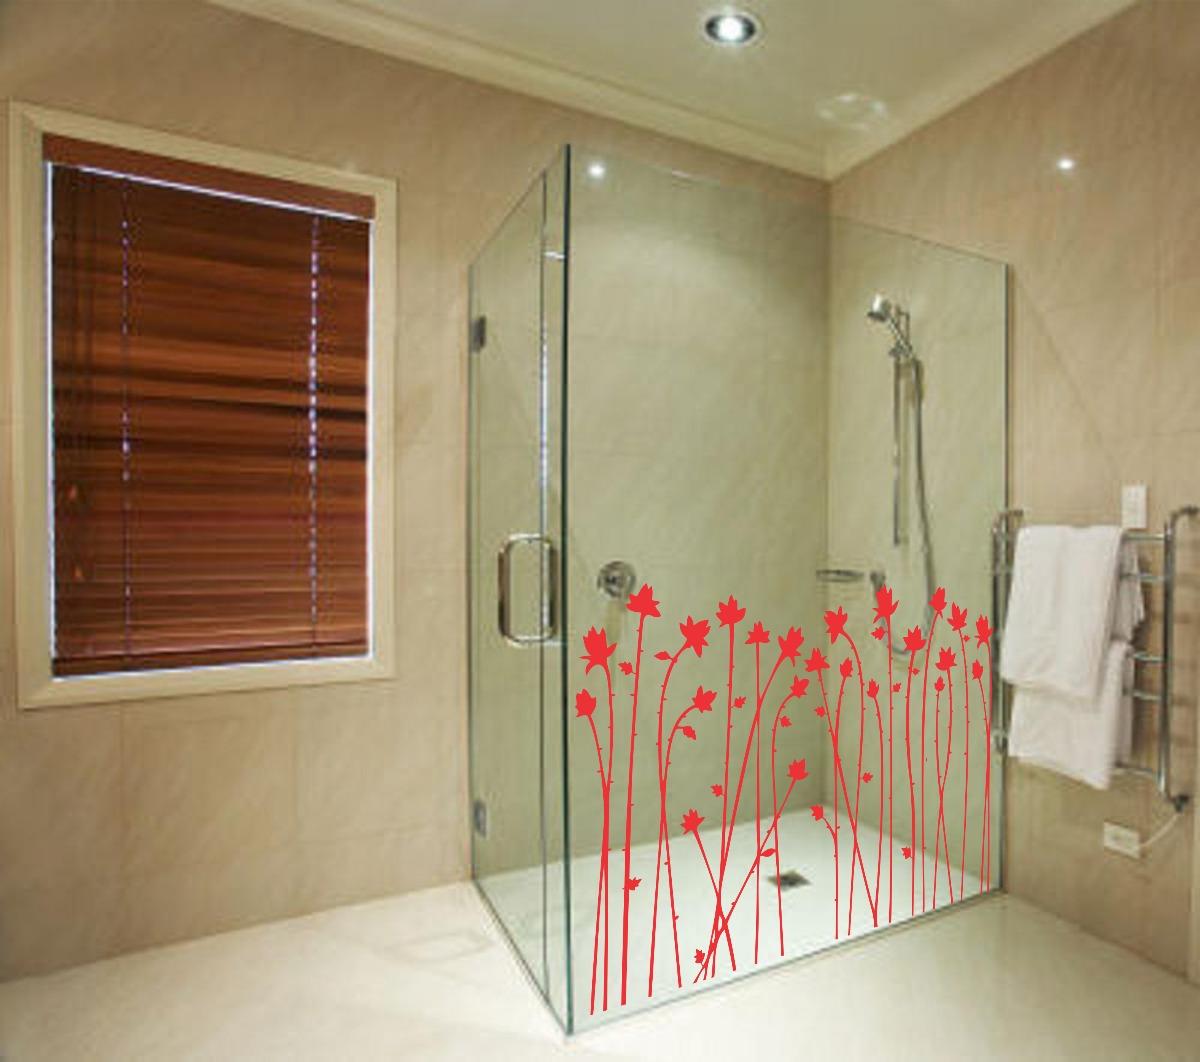 Photos Adesivo Decorativo Parede Para Banheiro Peixinhos Pictures #B2191A 1200 1062